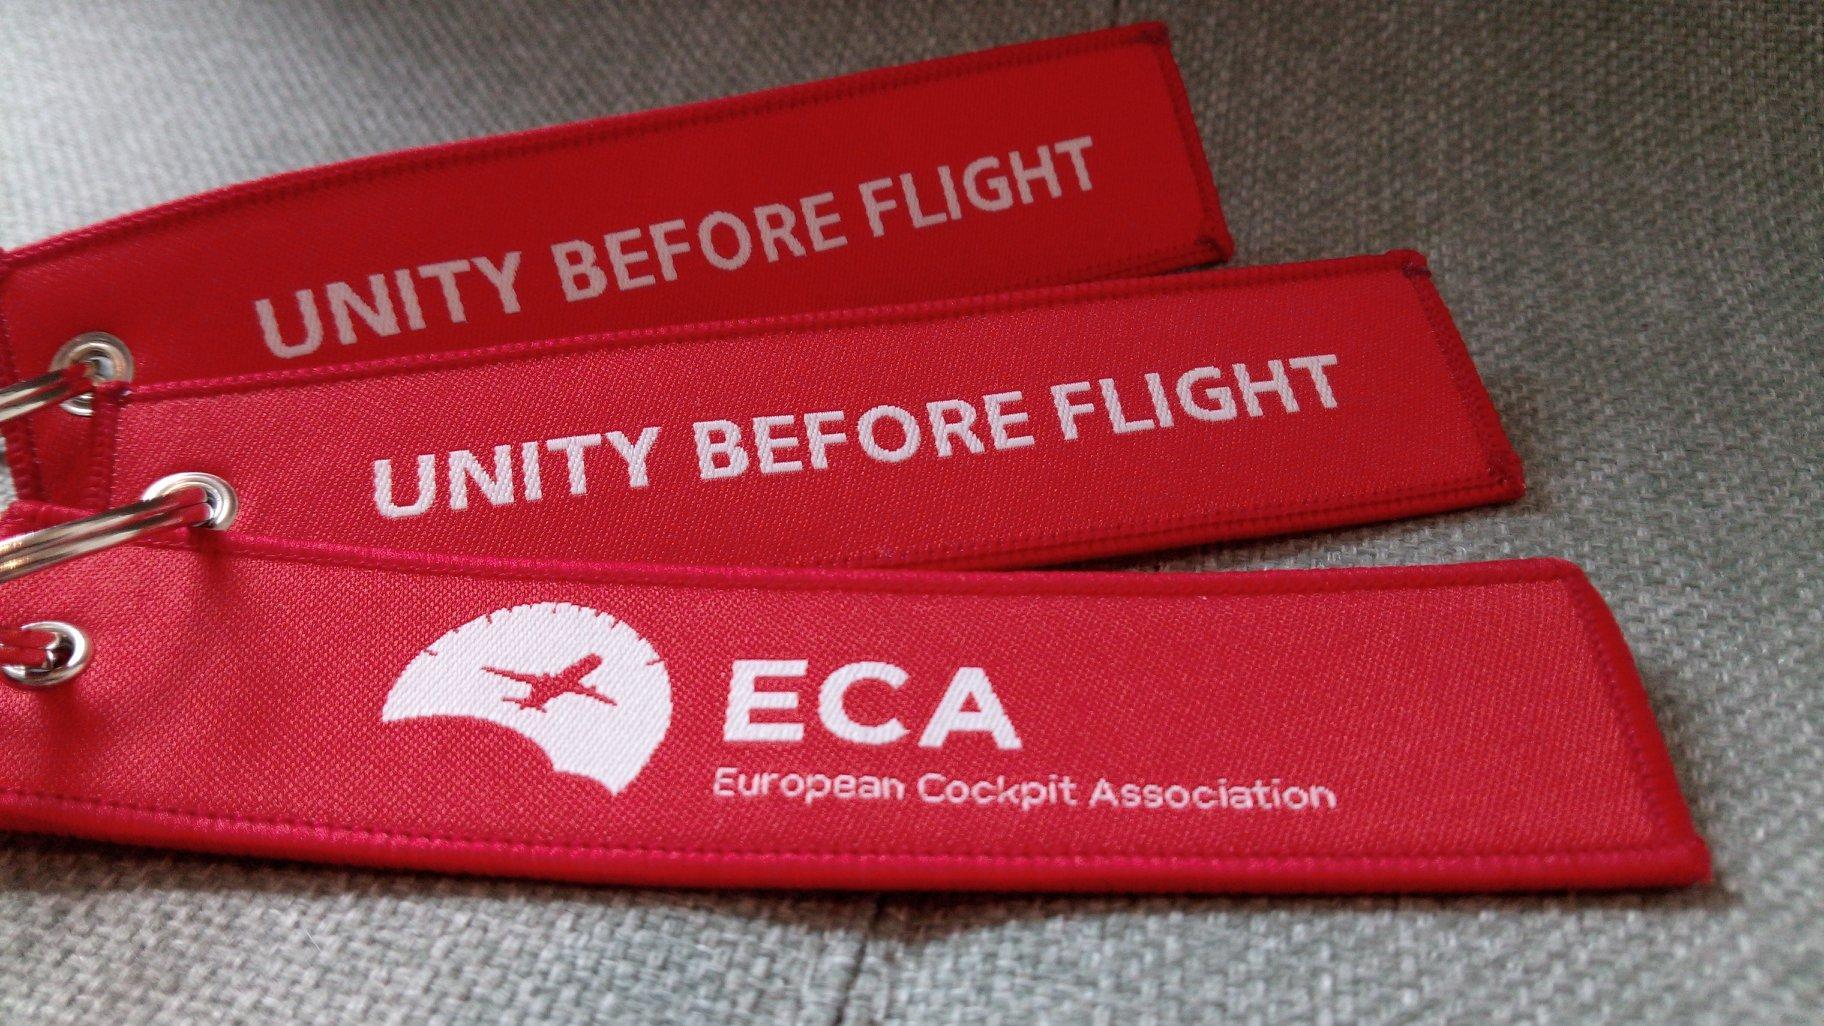 European Cockpit Association Eca: Trans-National Airlines Pilot Groups